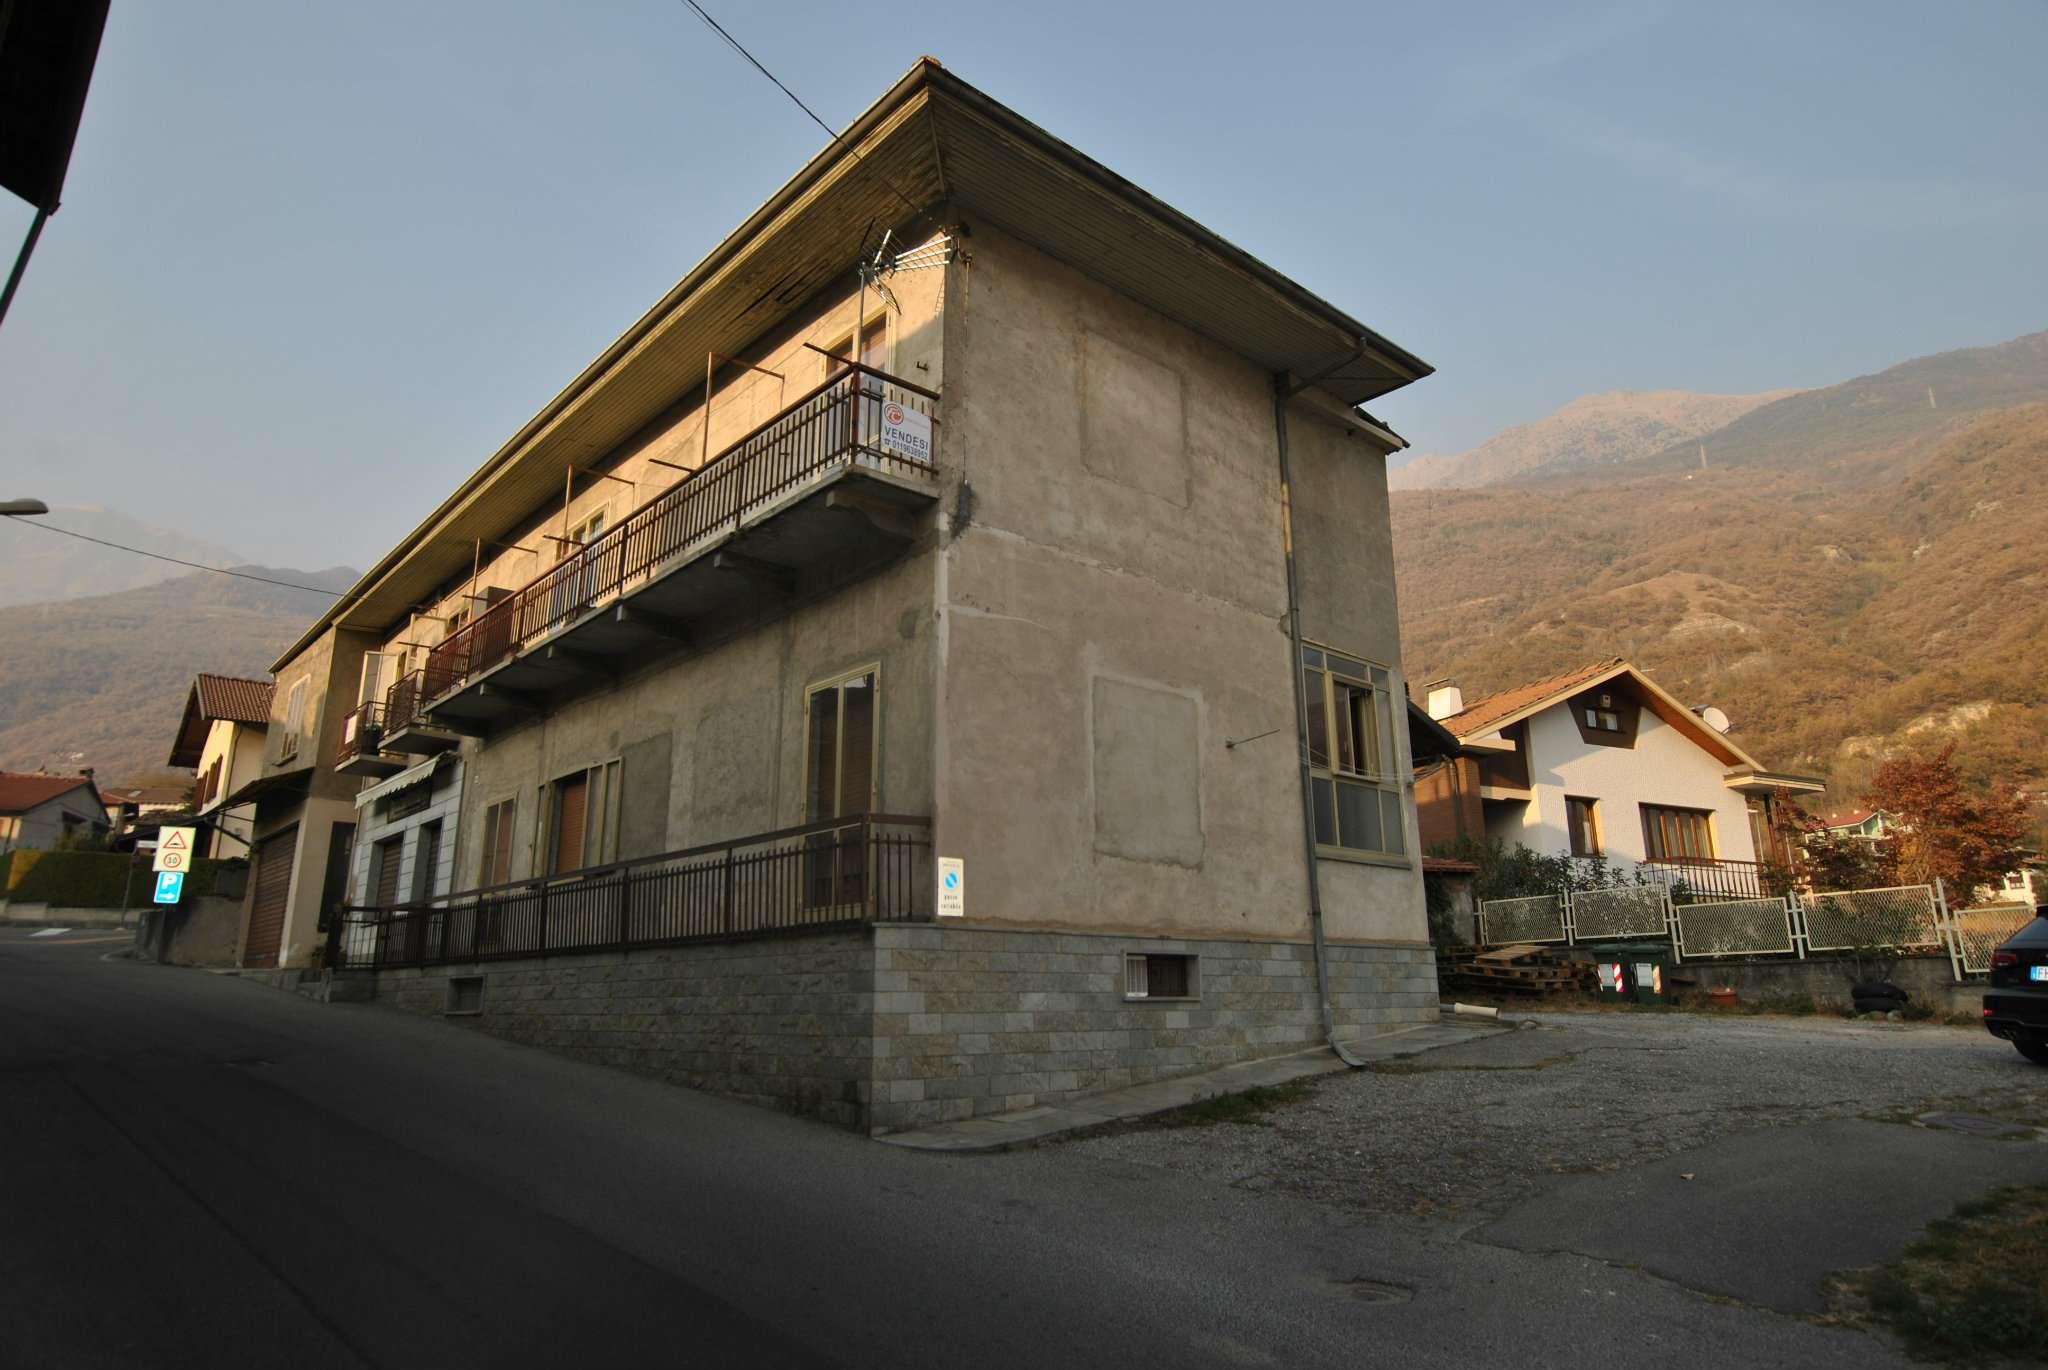 Palazzo / Stabile in vendita a Bruzolo, 11 locali, prezzo € 160.000 | CambioCasa.it